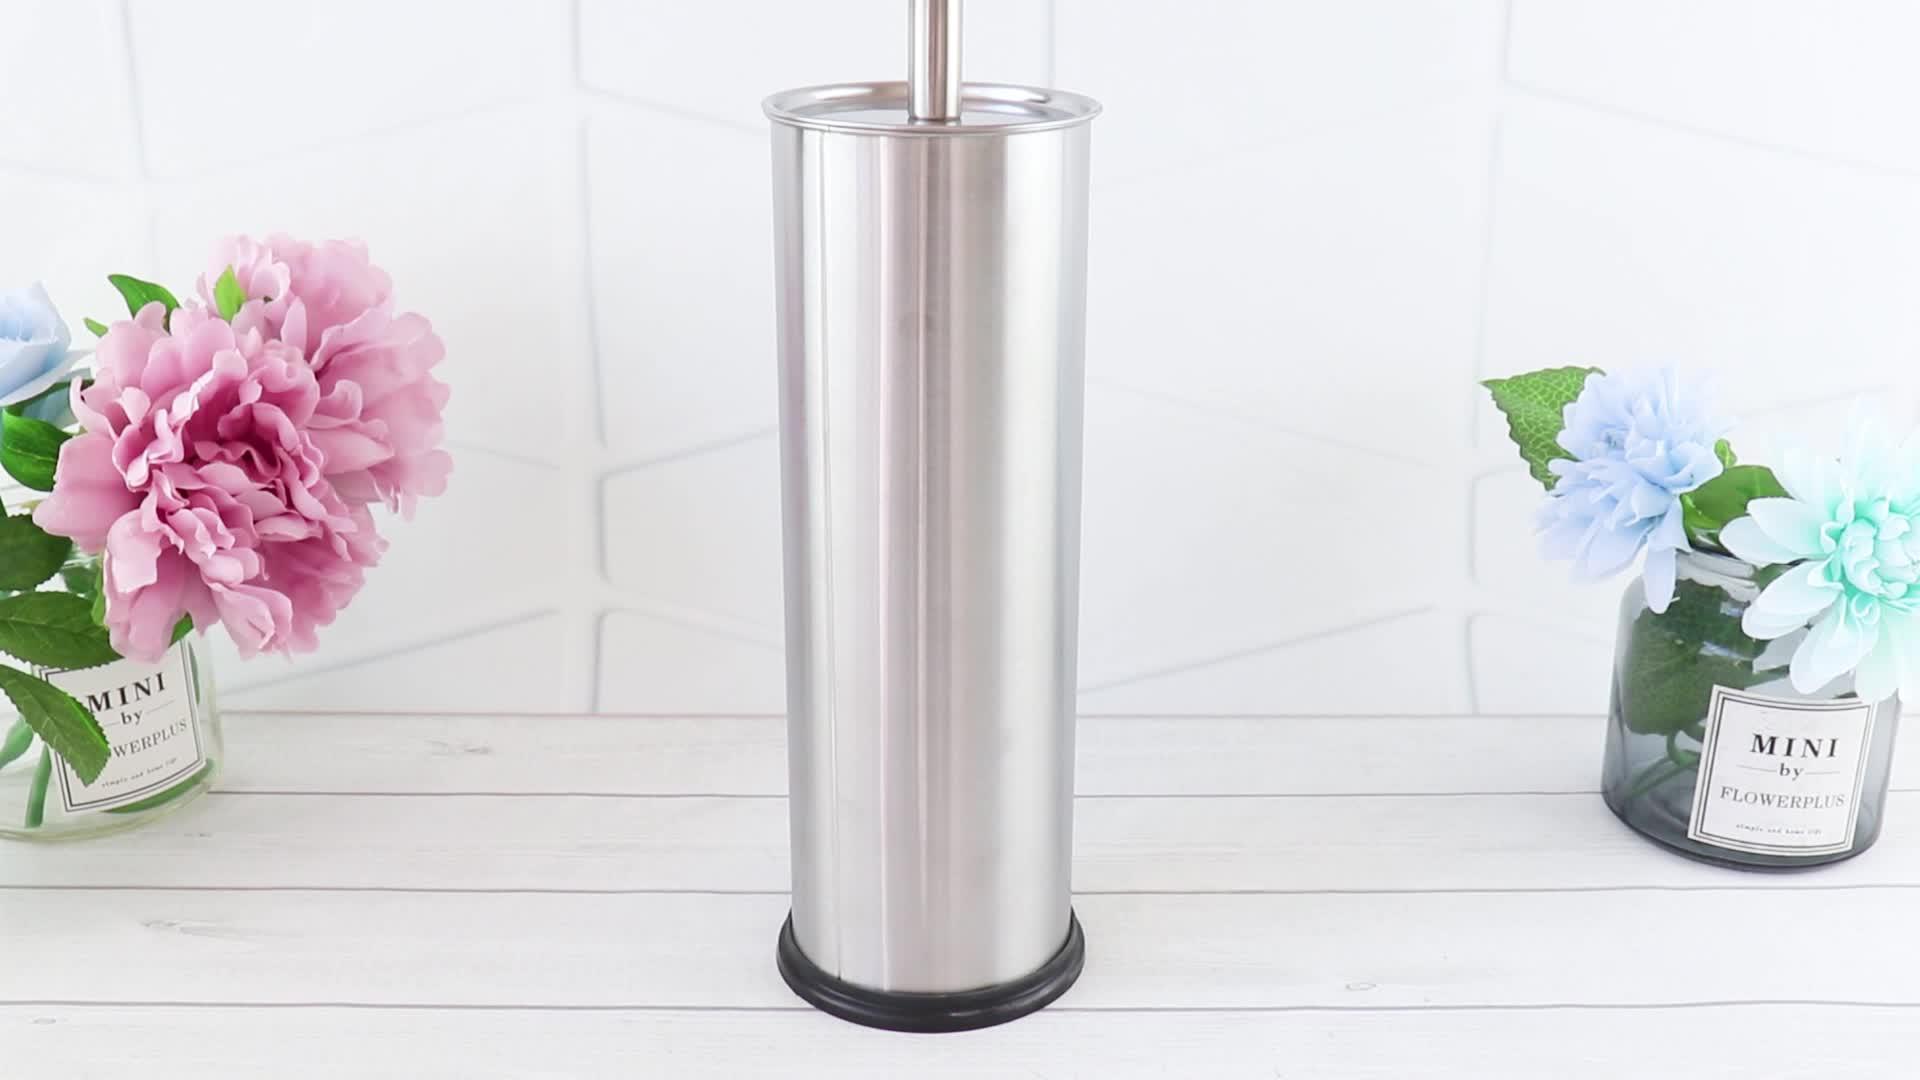 Schoonmaakgereedschap Product RVS toiletborstel